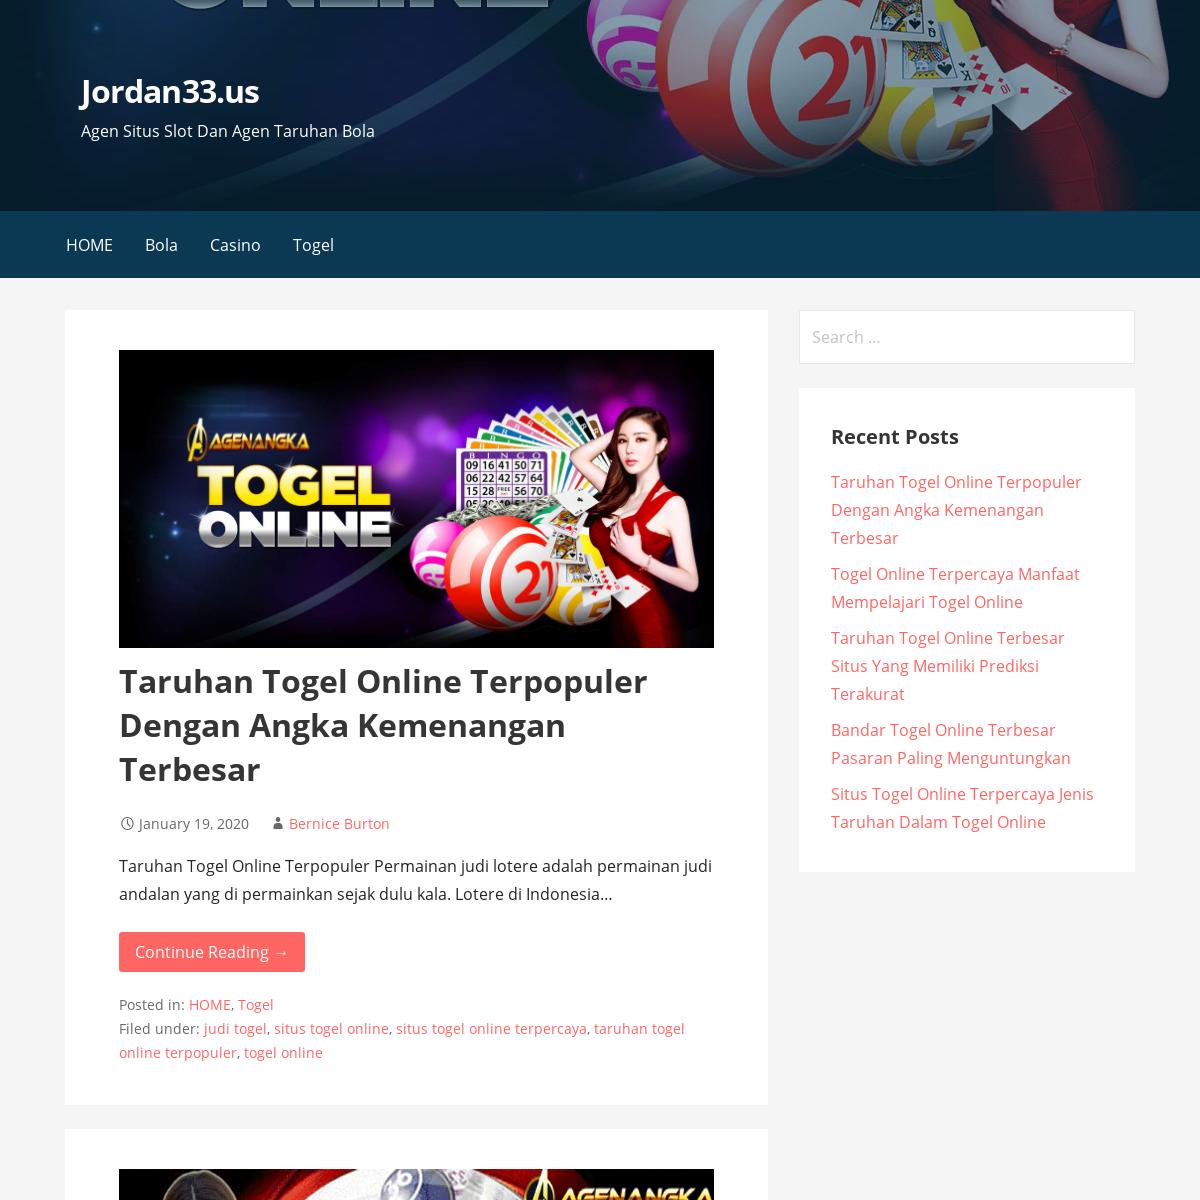 Bandar Taruhan Judi Slot - Agen Judi Bola - Situs Taruhan Togel